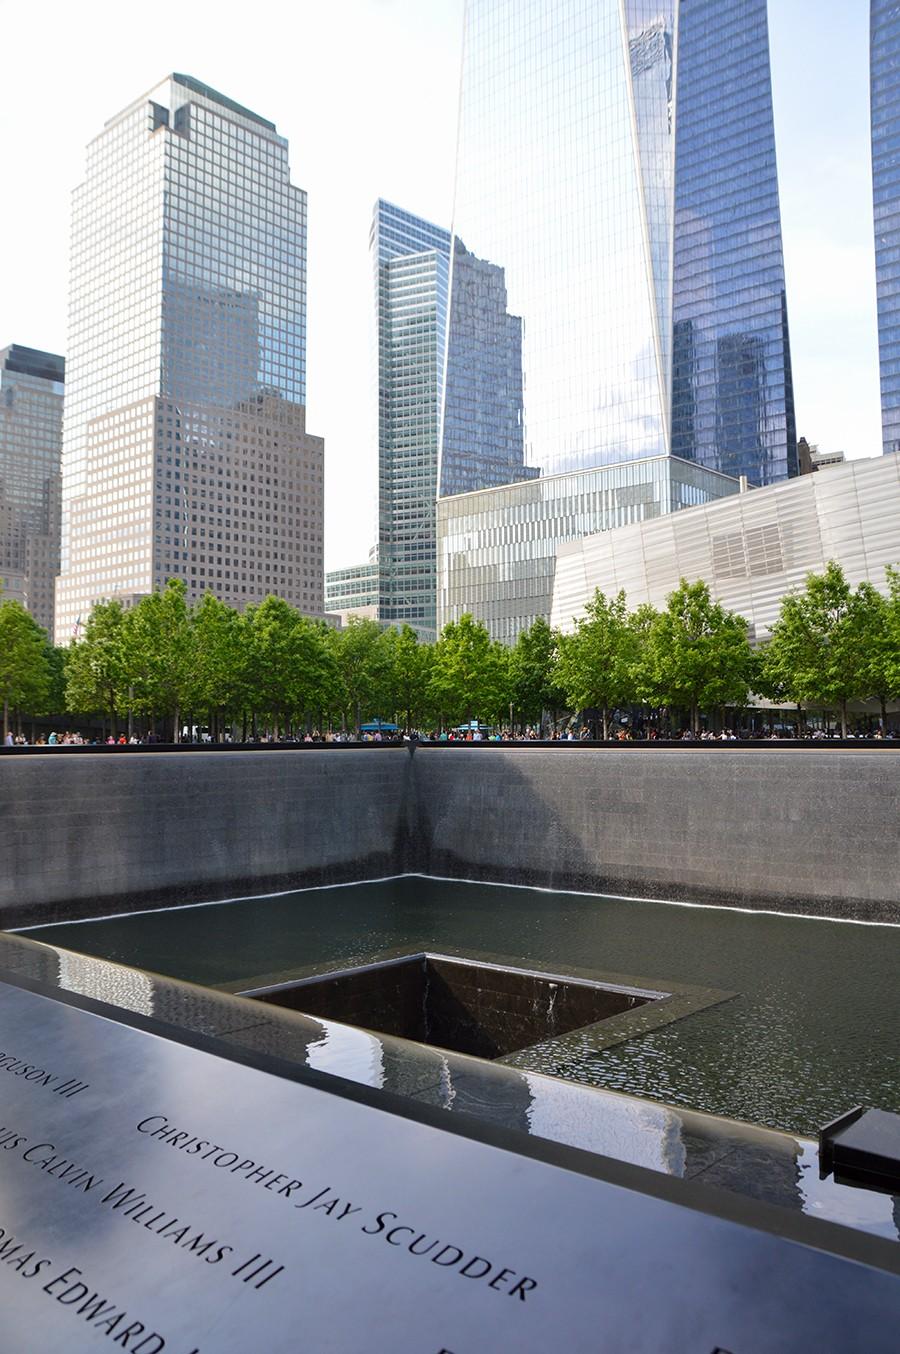 Voor het eerst naar New York? - 9/11 memorial